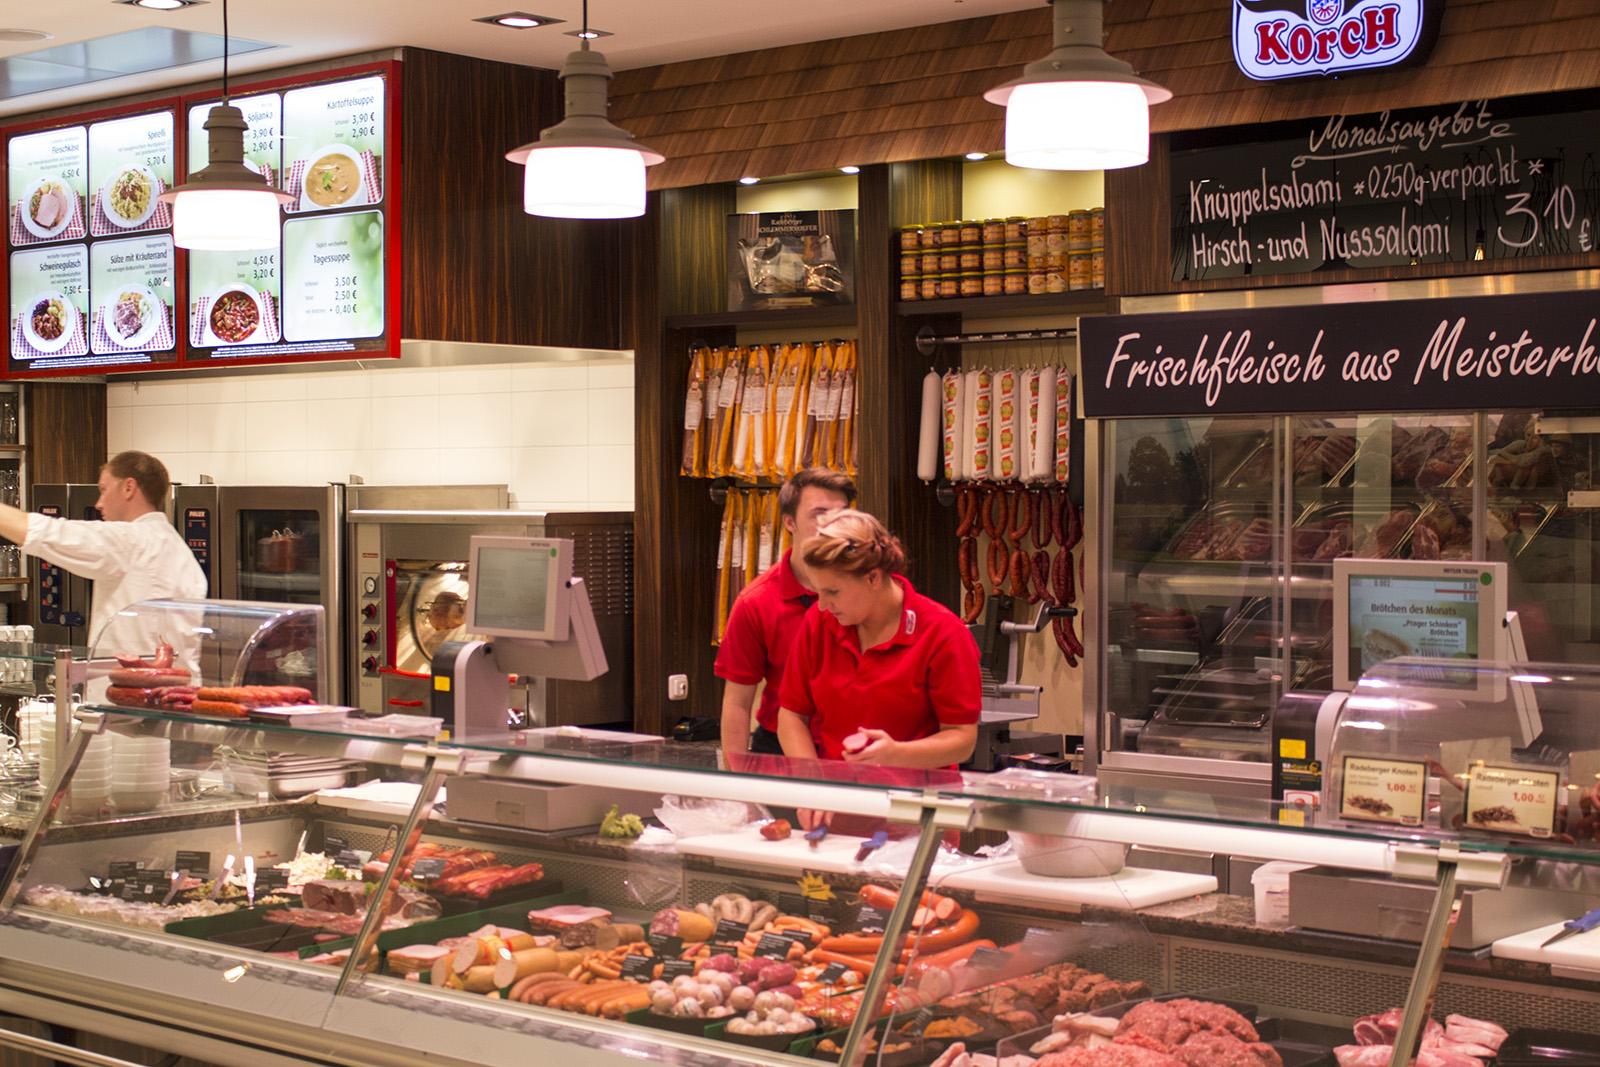 Die sieben Meter lange Frischetheke verführt mit einem riesigen regionalen Fleisch- und Wurstangebot.